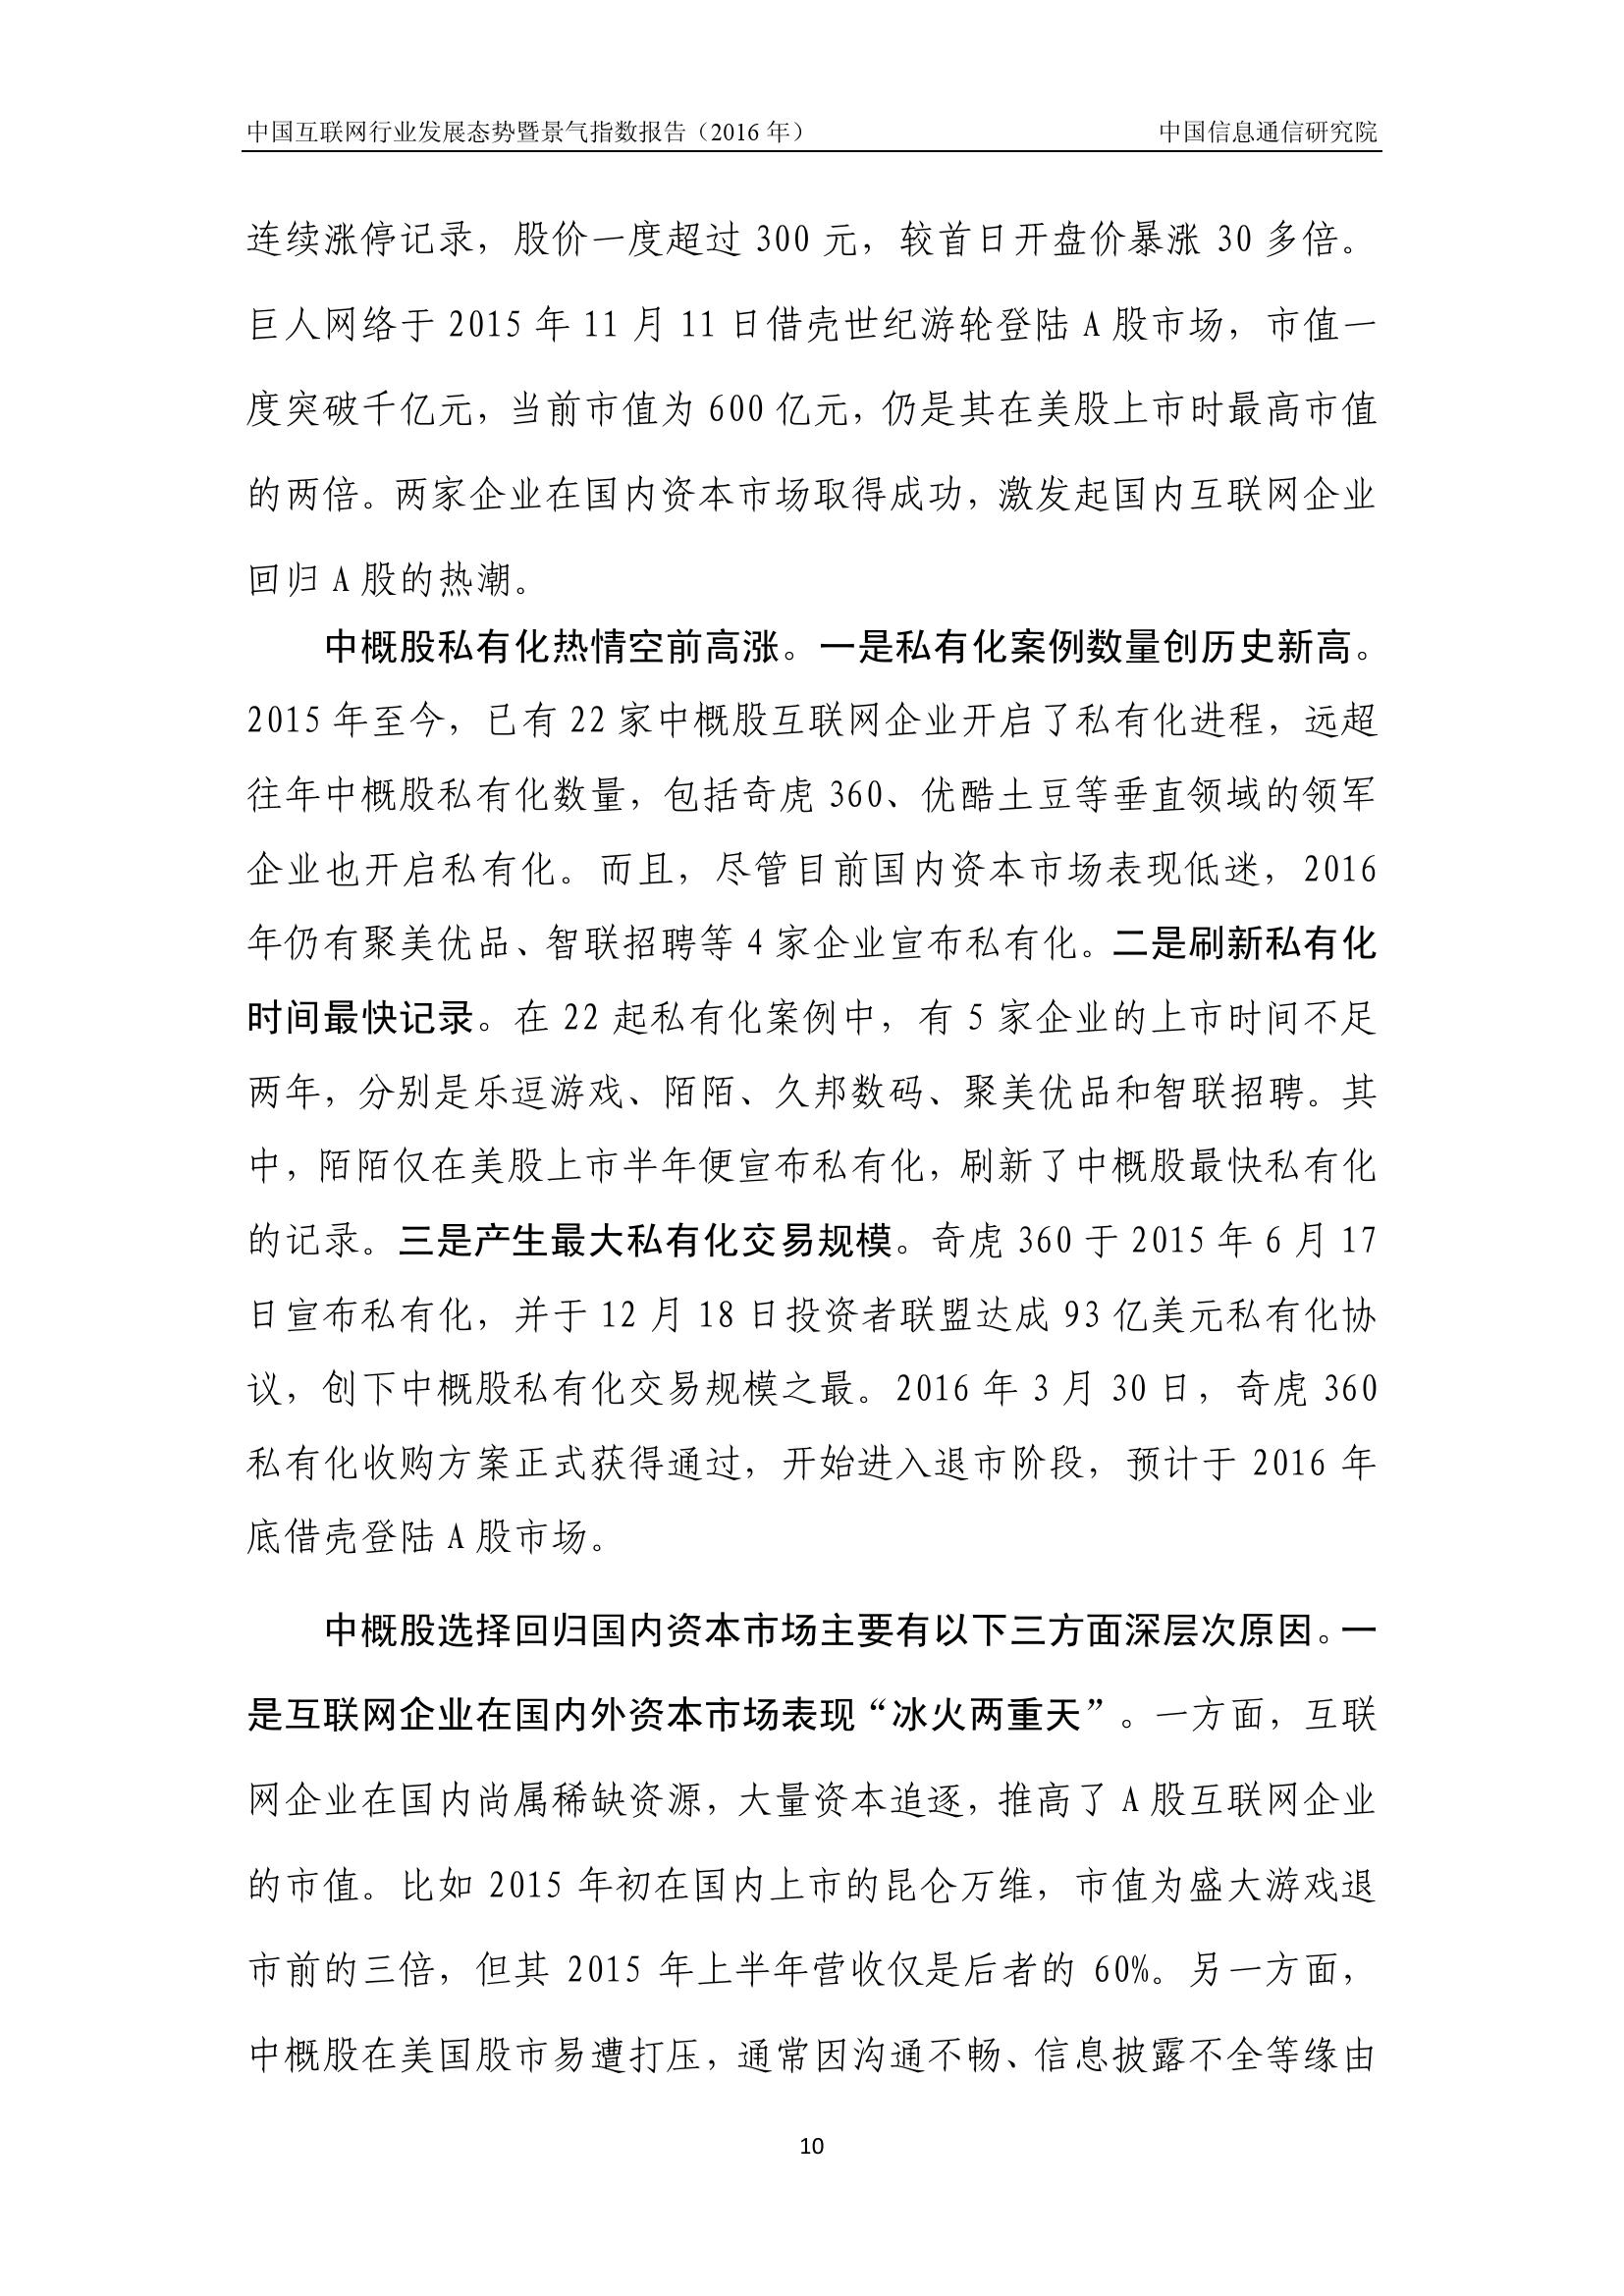 2016年中国互联网行业发展态势暨景气指数报告_000014